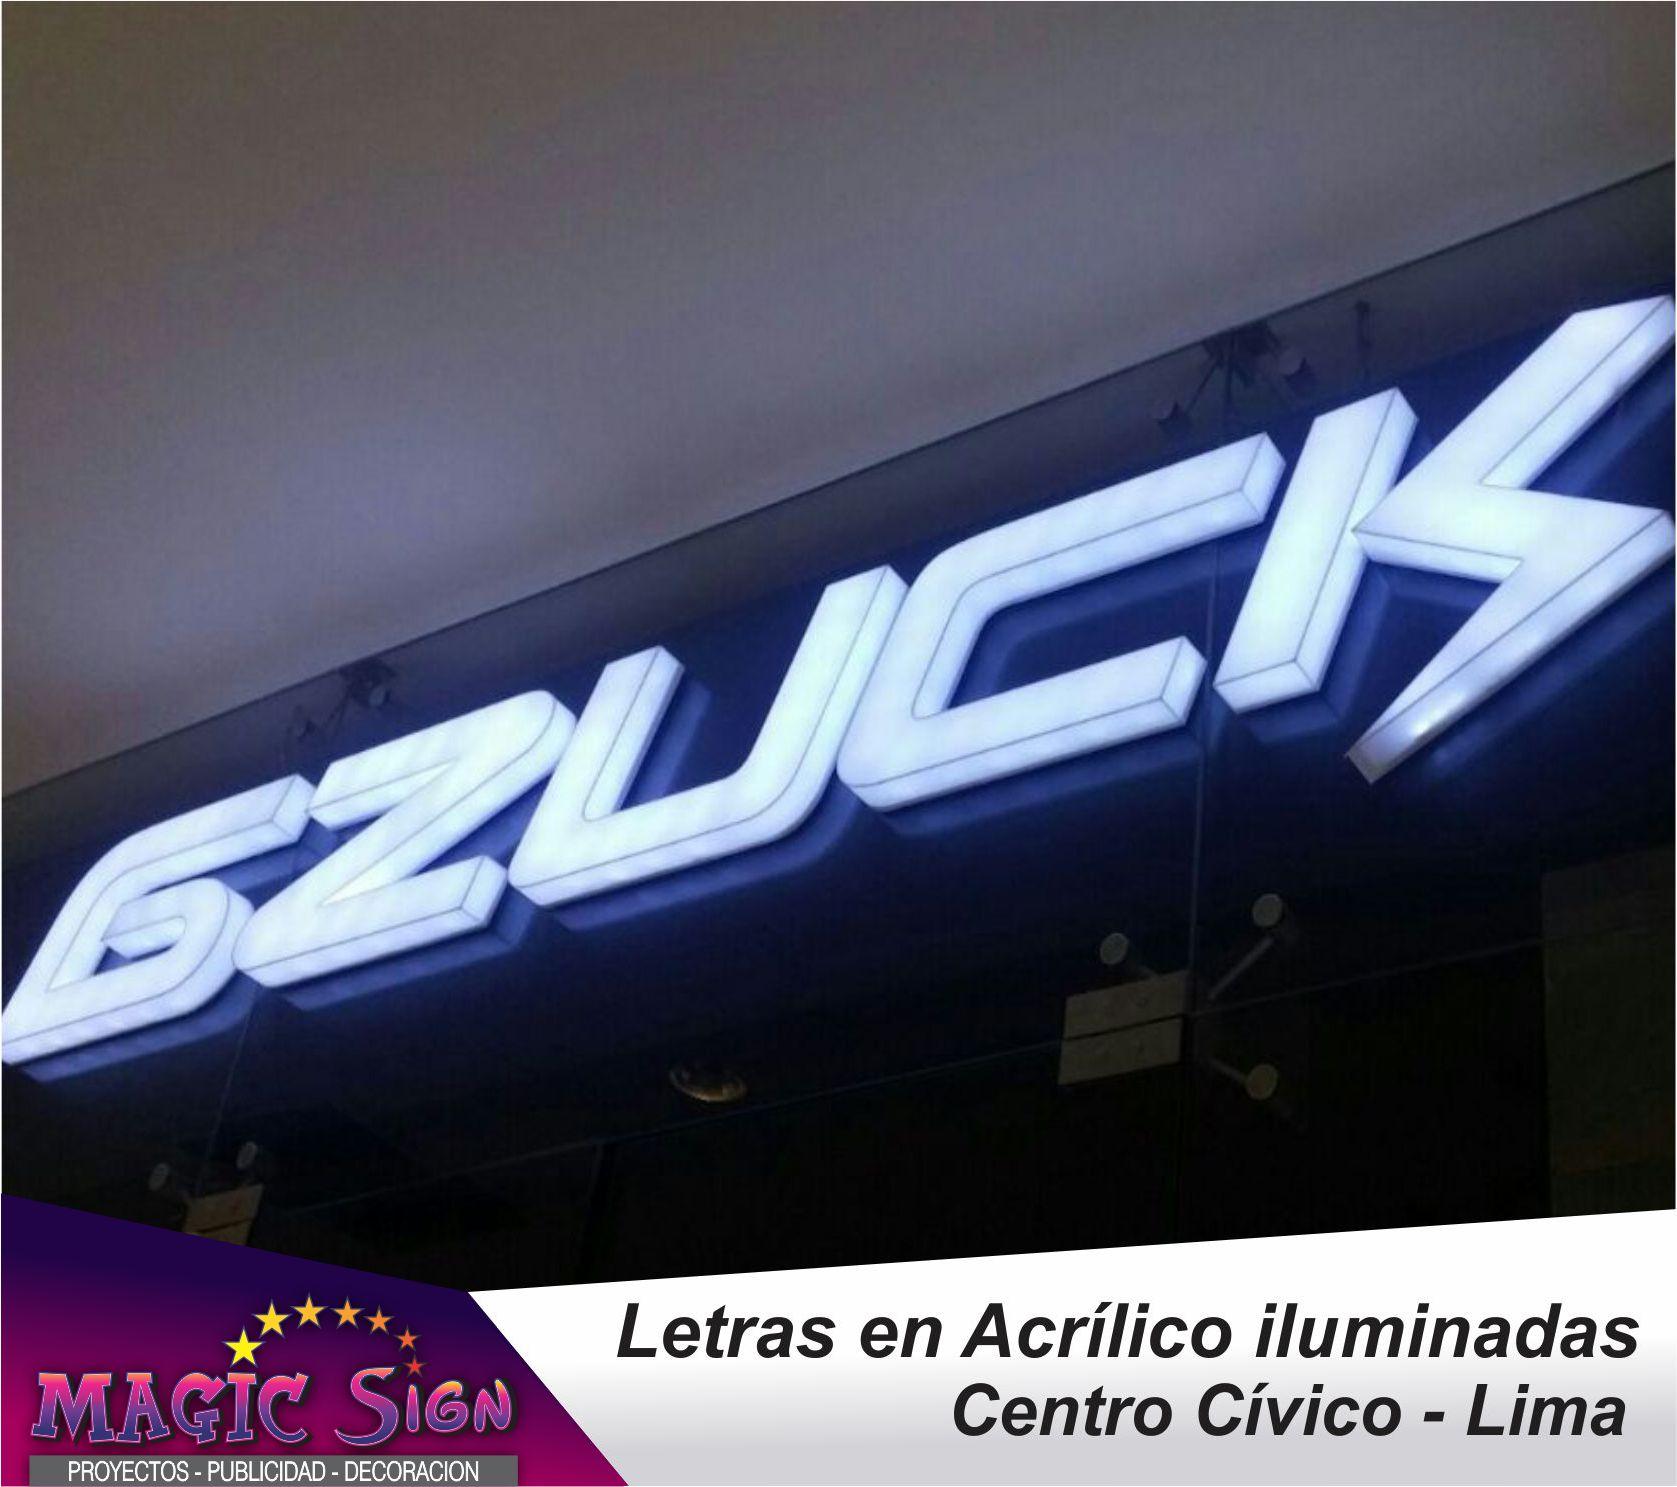 letras en acrilico iluminadas